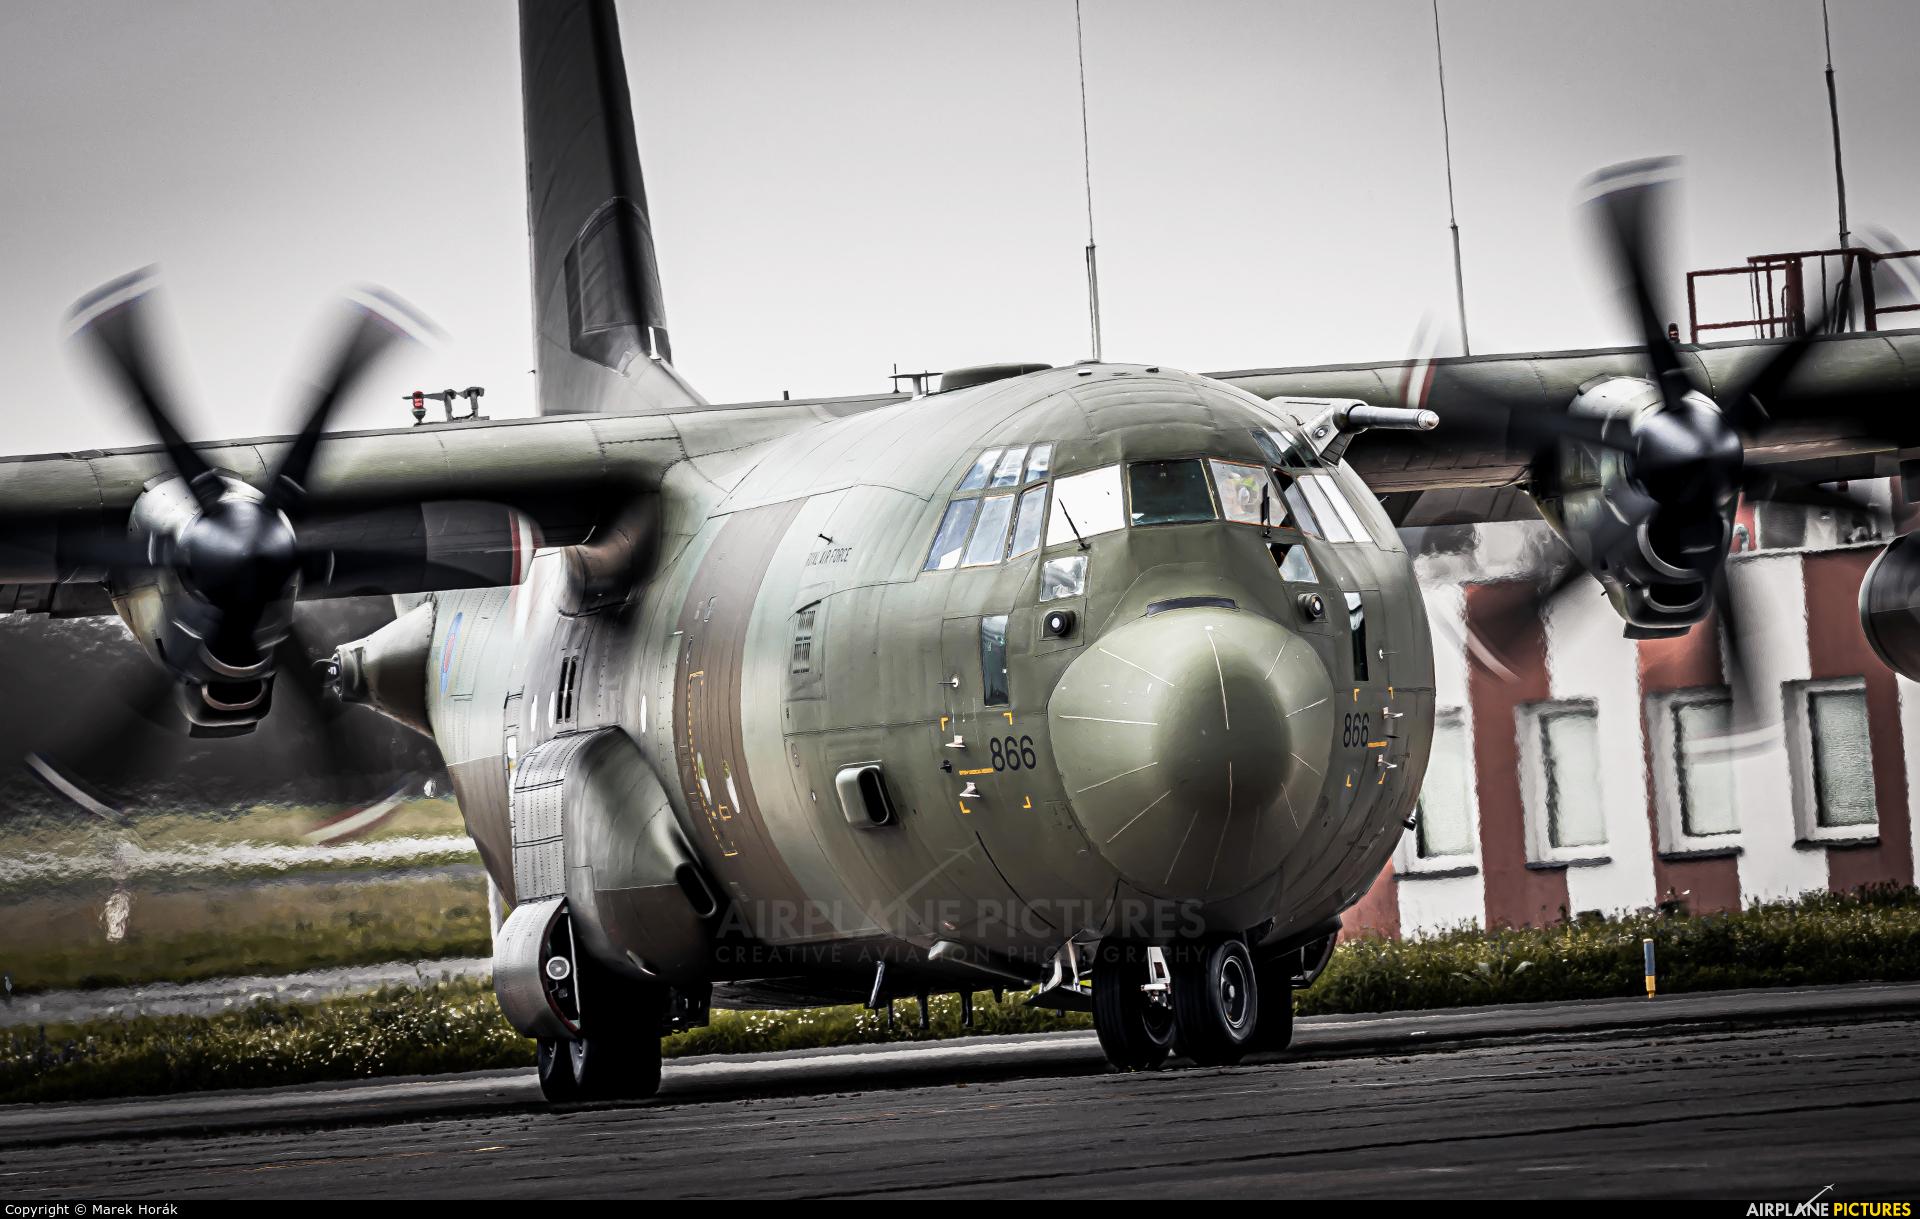 Royal Air Force ZH886 aircraft at Prague - Václav Havel